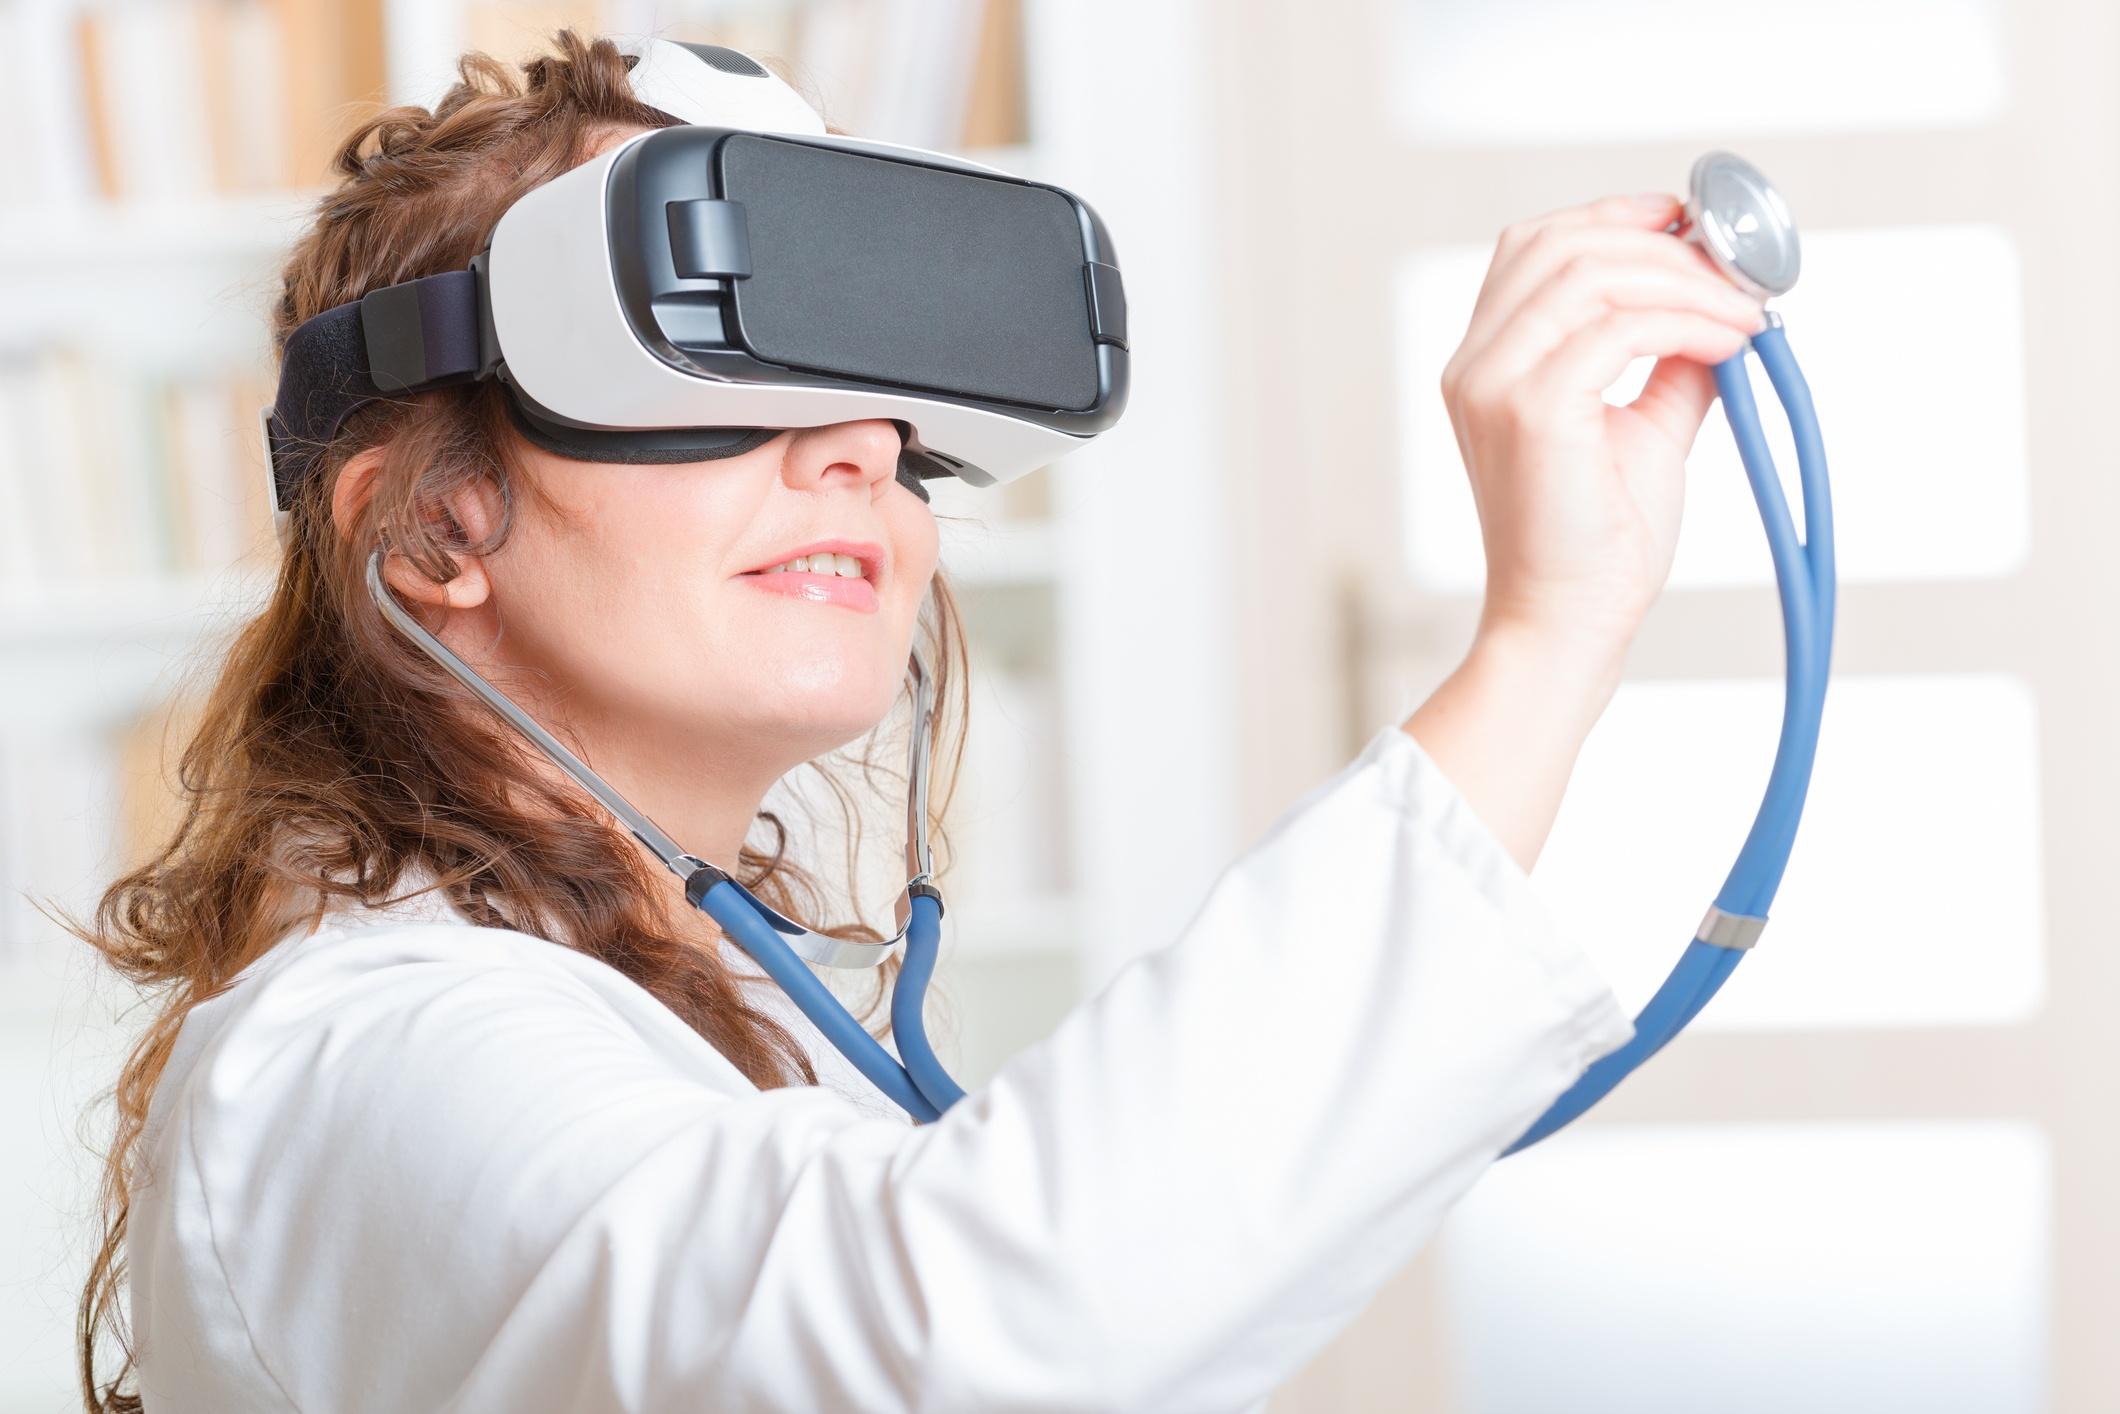 ¿Cómo ayuda la realidad virtual en el tratamiento del cáncer?